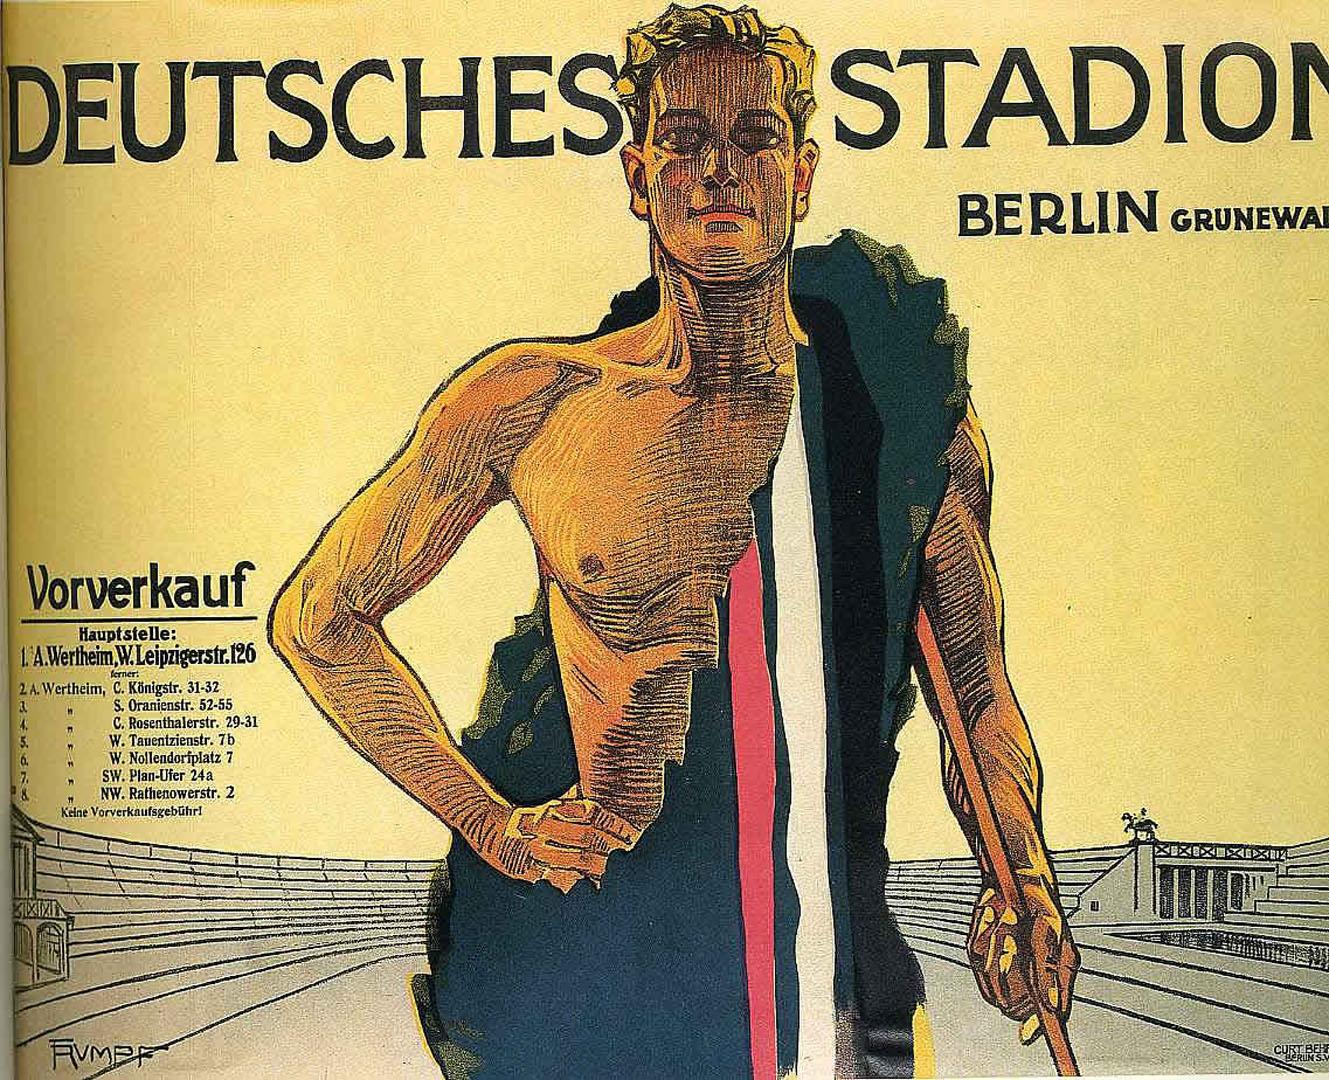 Deutsches Stadion Berlin